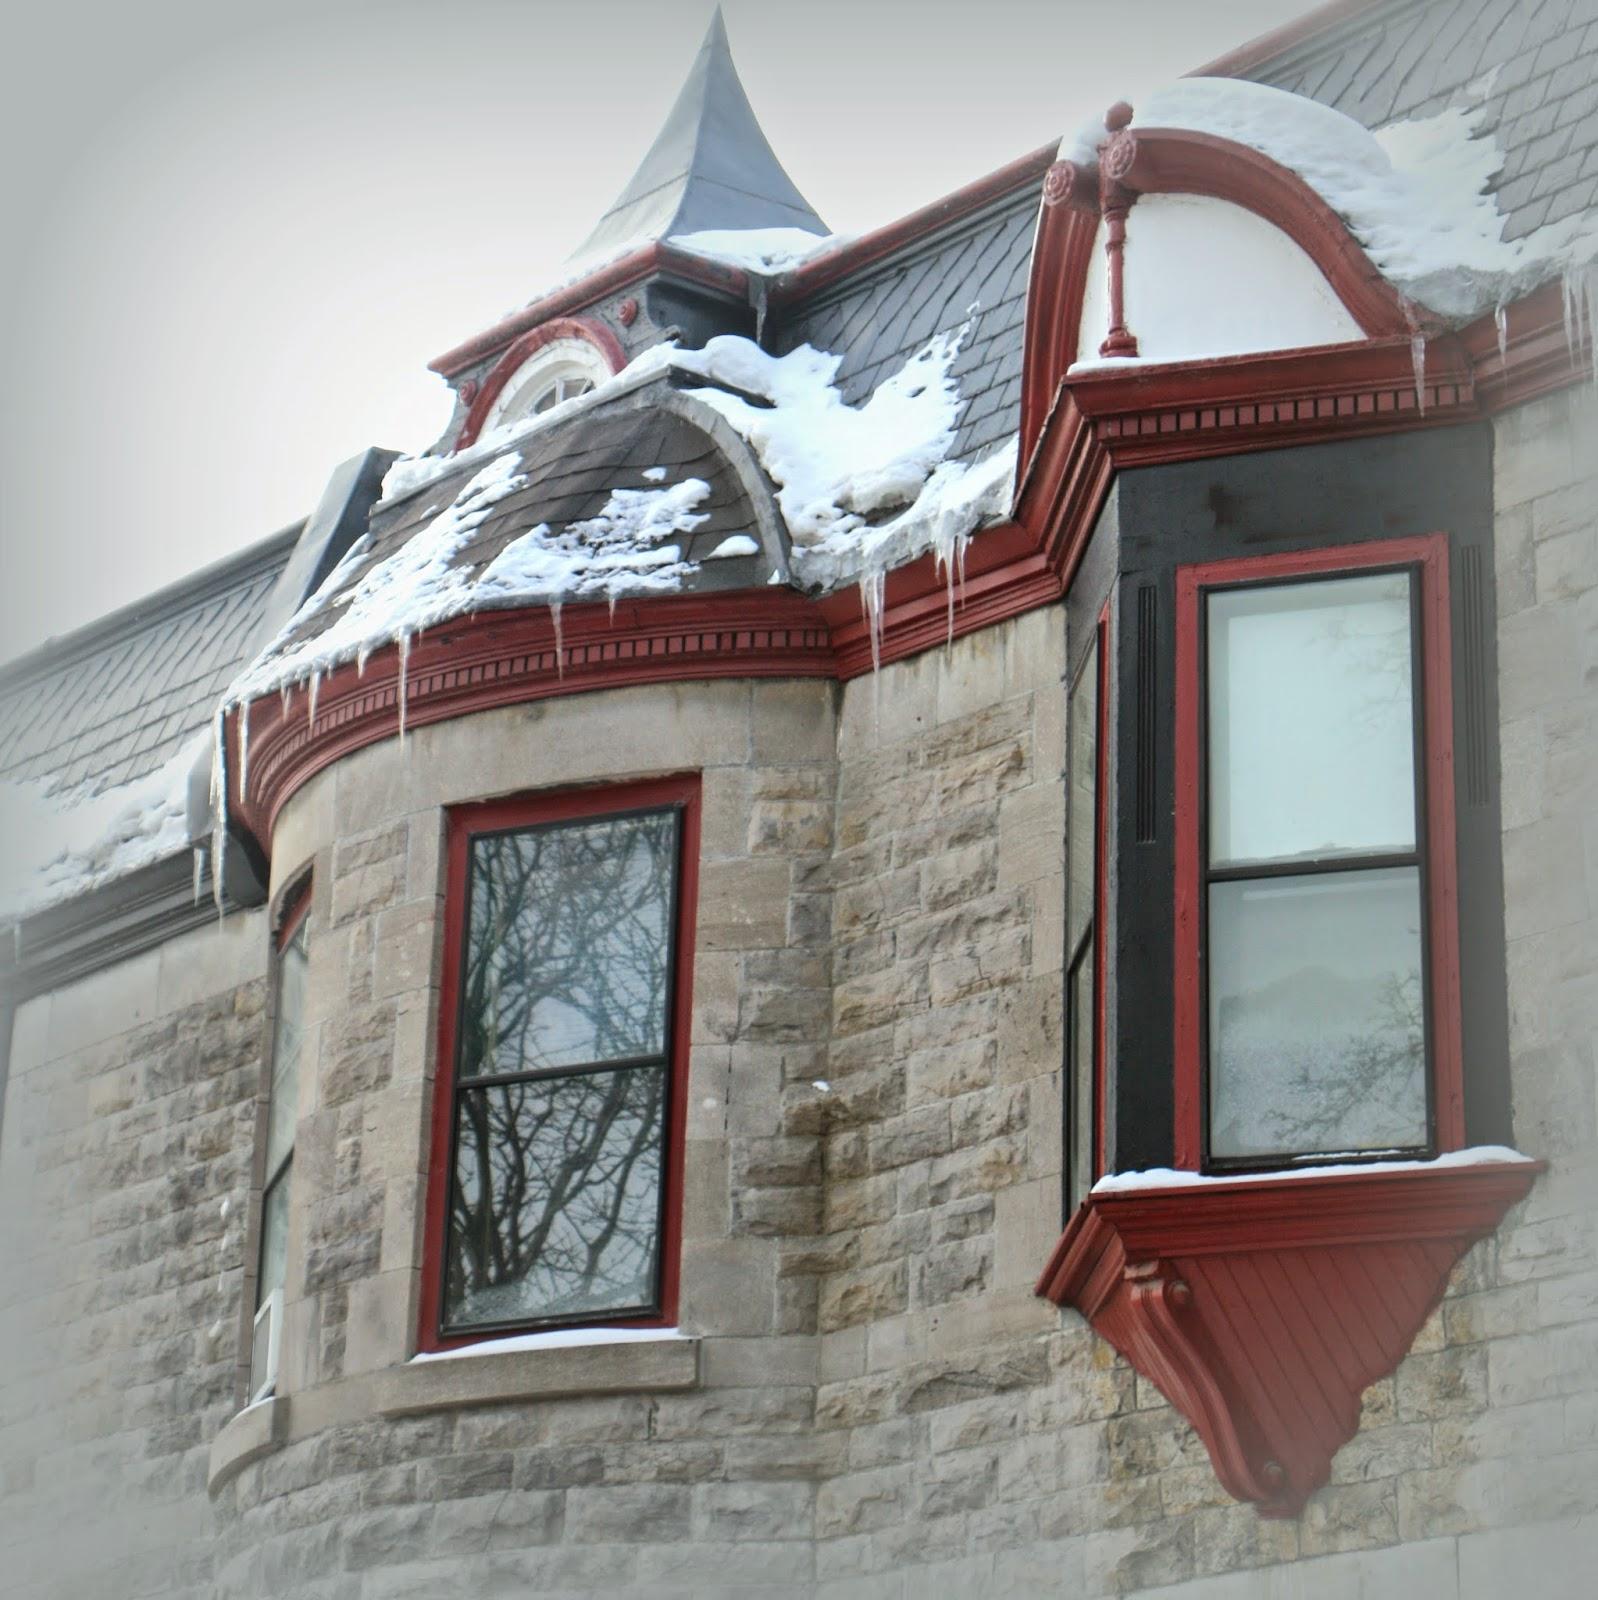 Collection d'hiver- Les Toits-1 Westmount, Montréal, Québec, Canada Photo: Shahrzad Ghaffari,MVM, 18 FEV.2015